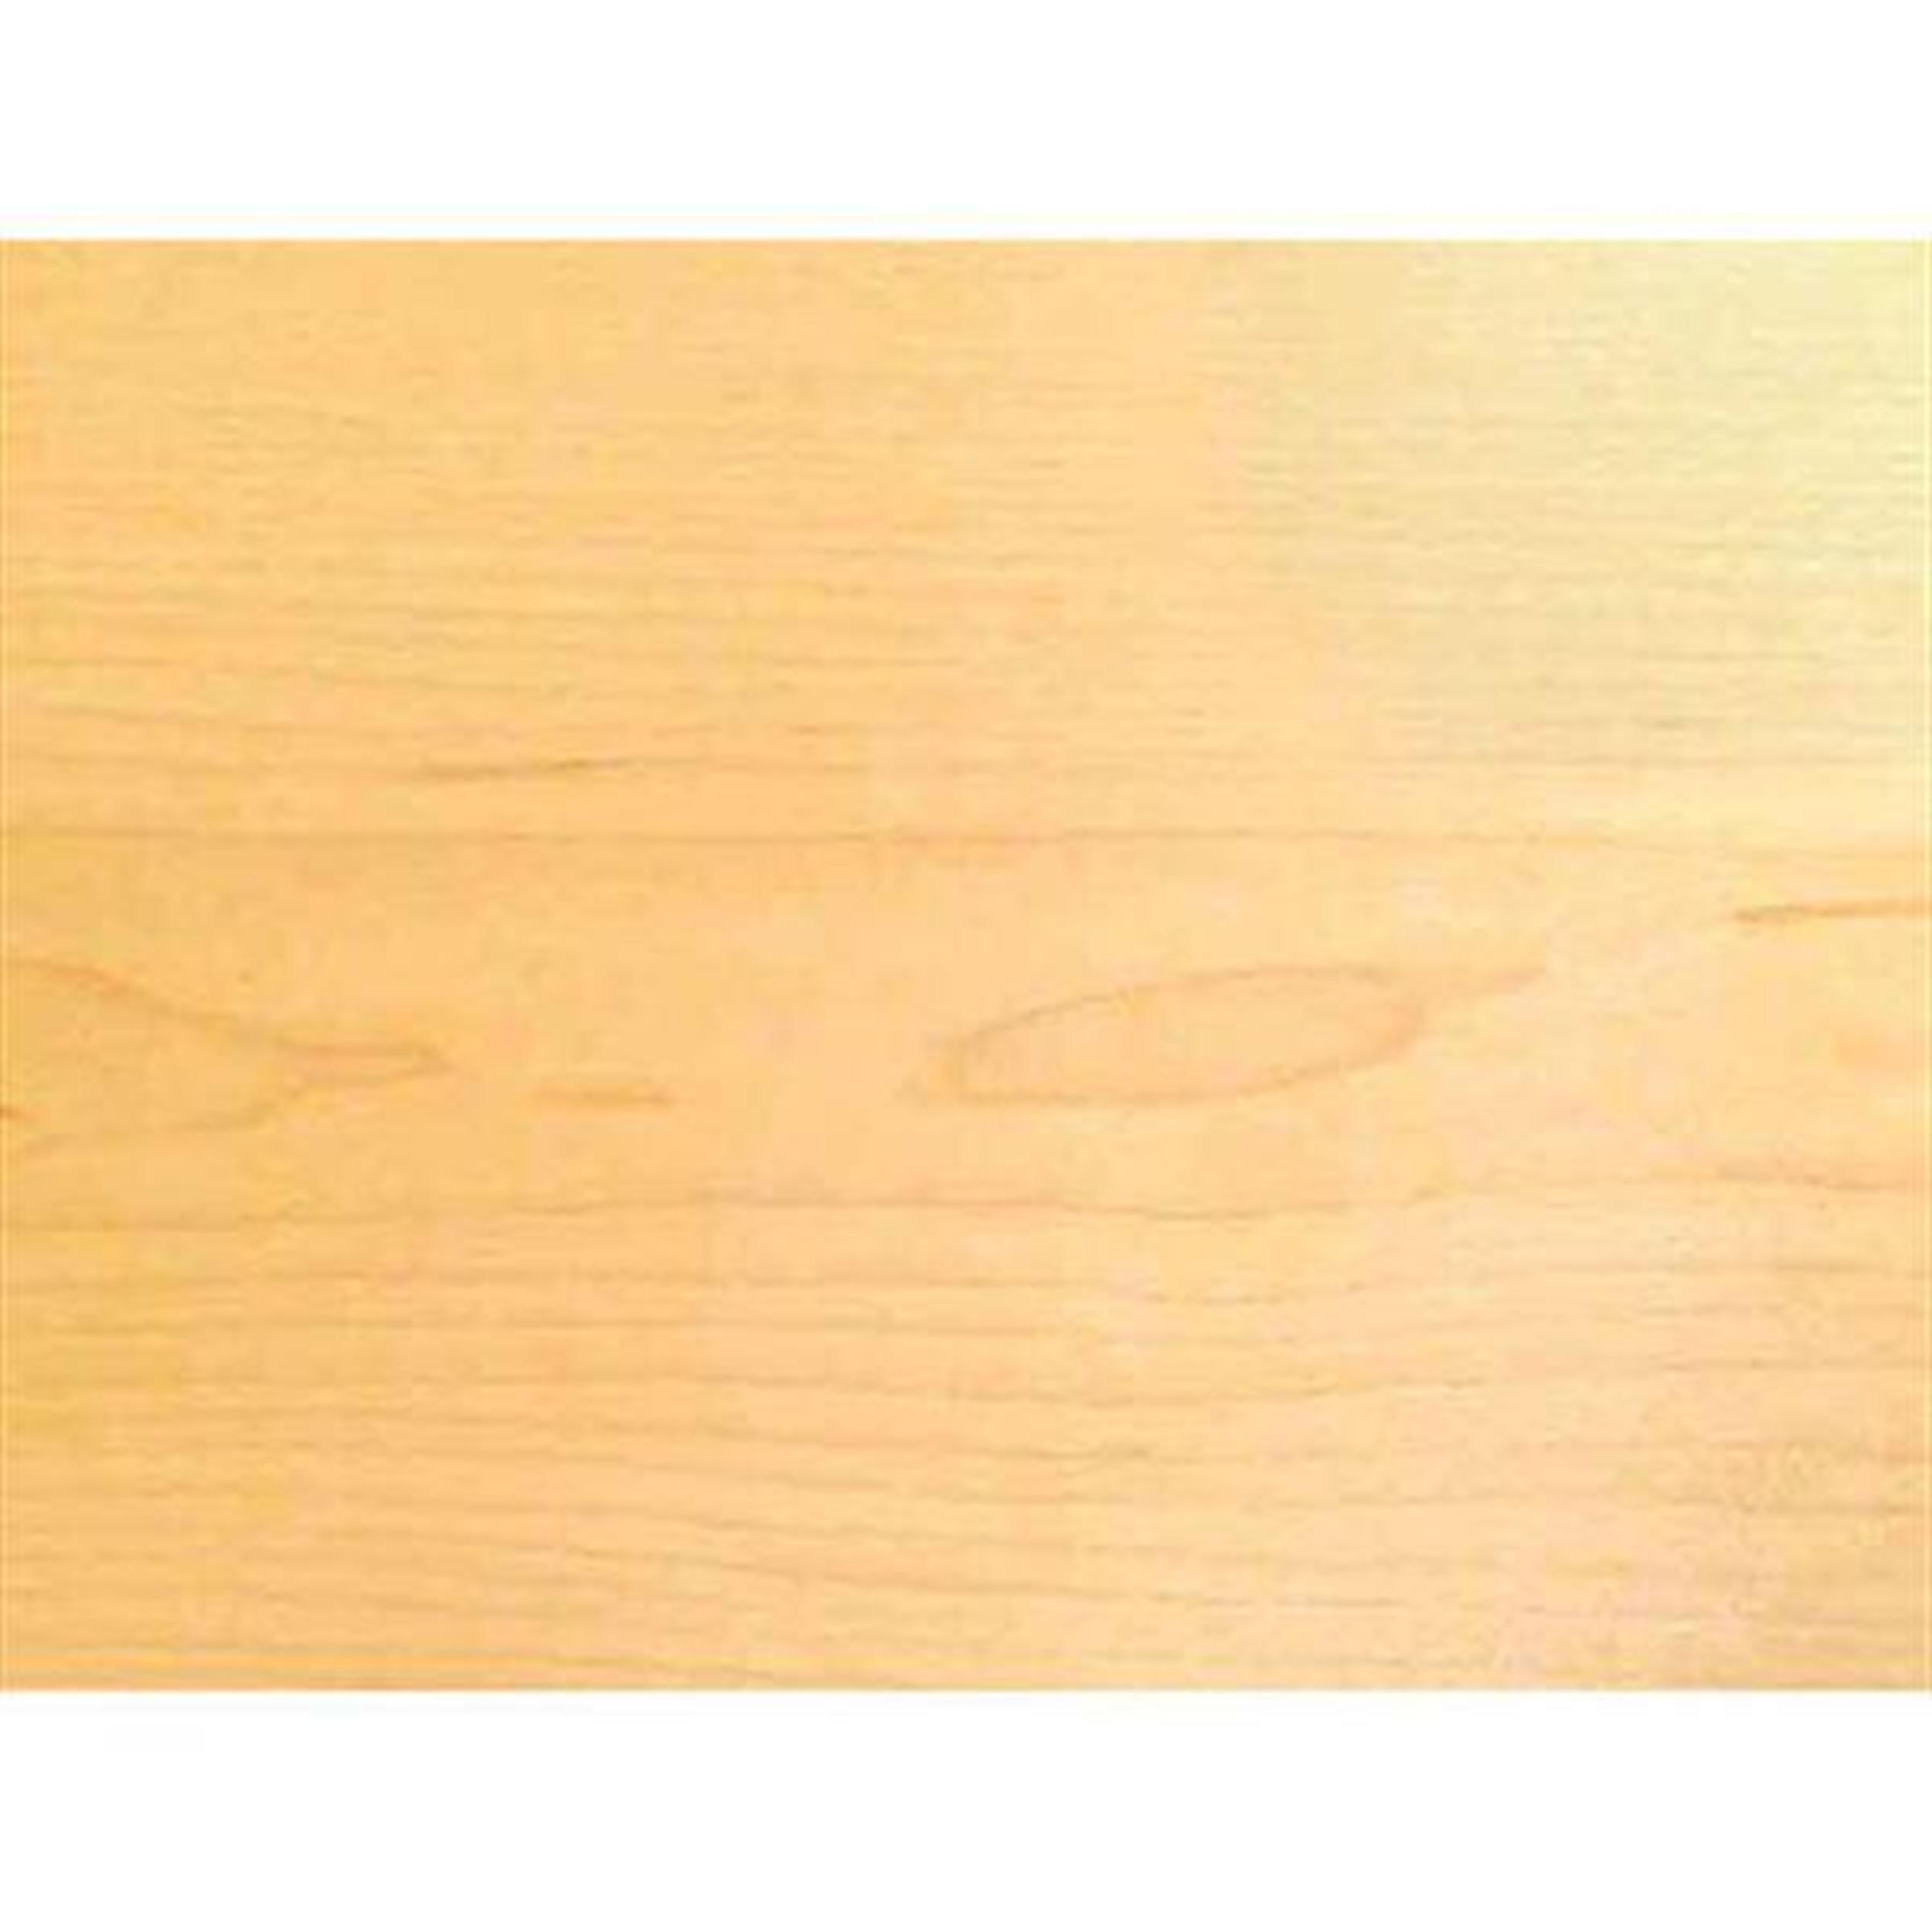 Maple 4' x 8' 10mil Paperbacked Wood Veneer